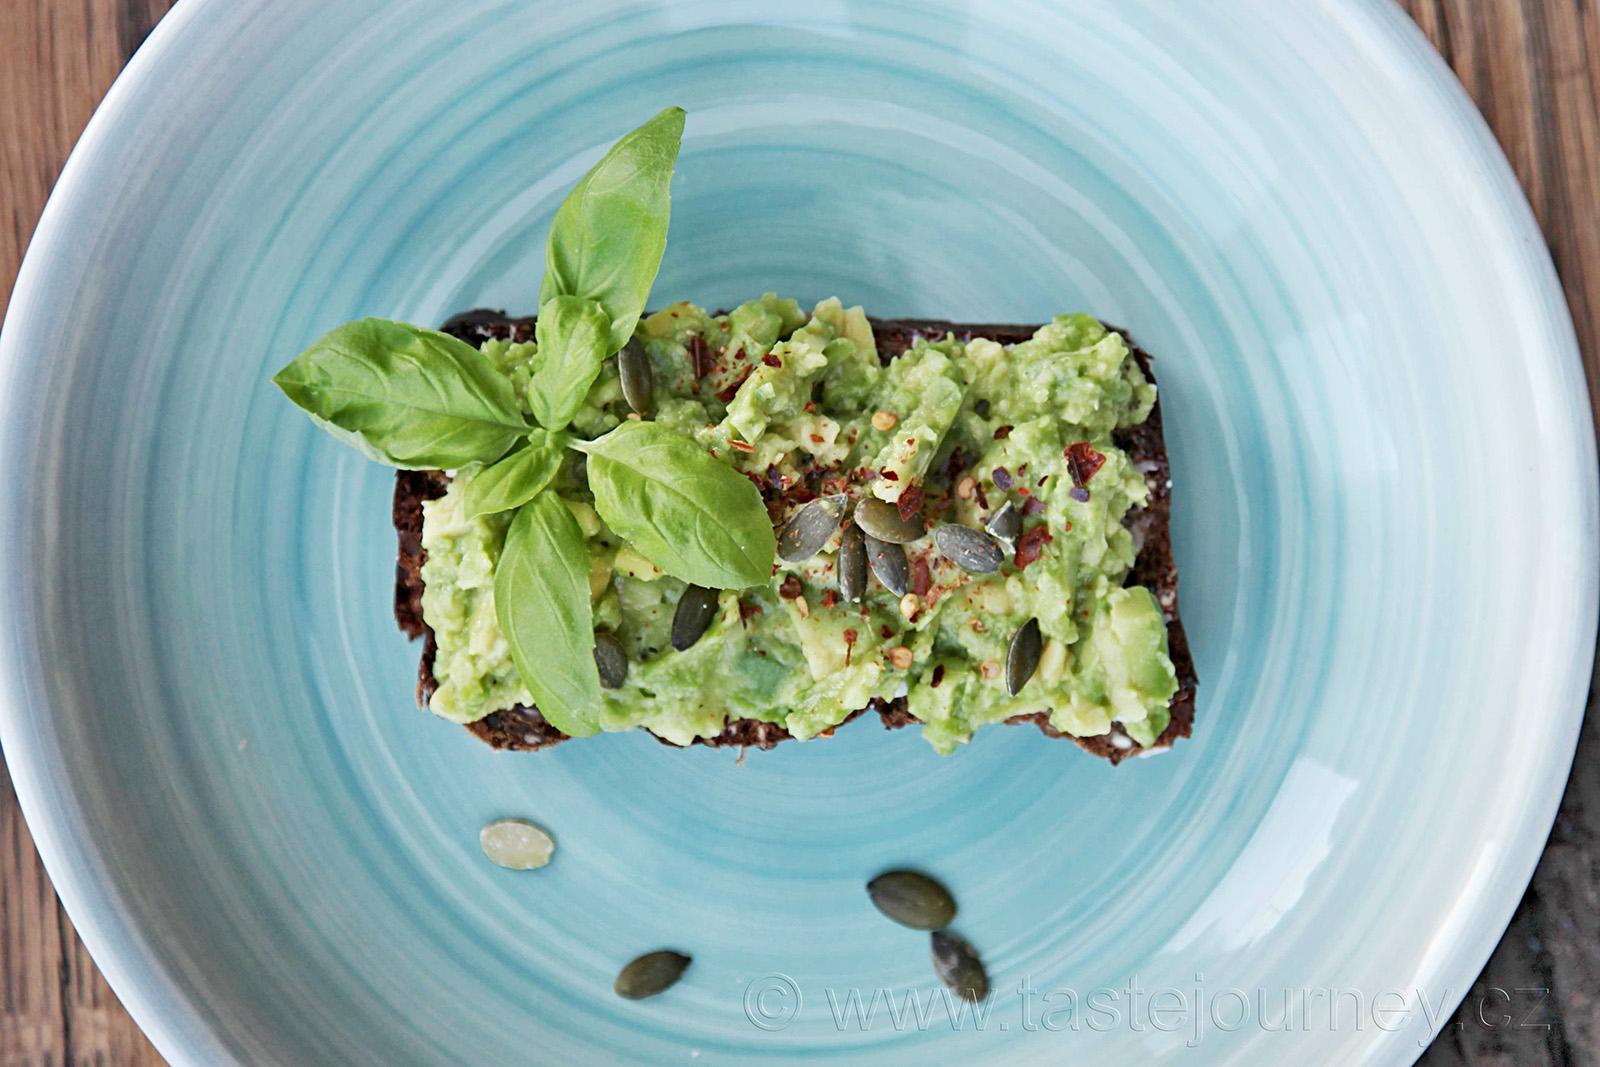 Zdravá snídaně/avokádová pomazánka s chilli a dýňovými semínky